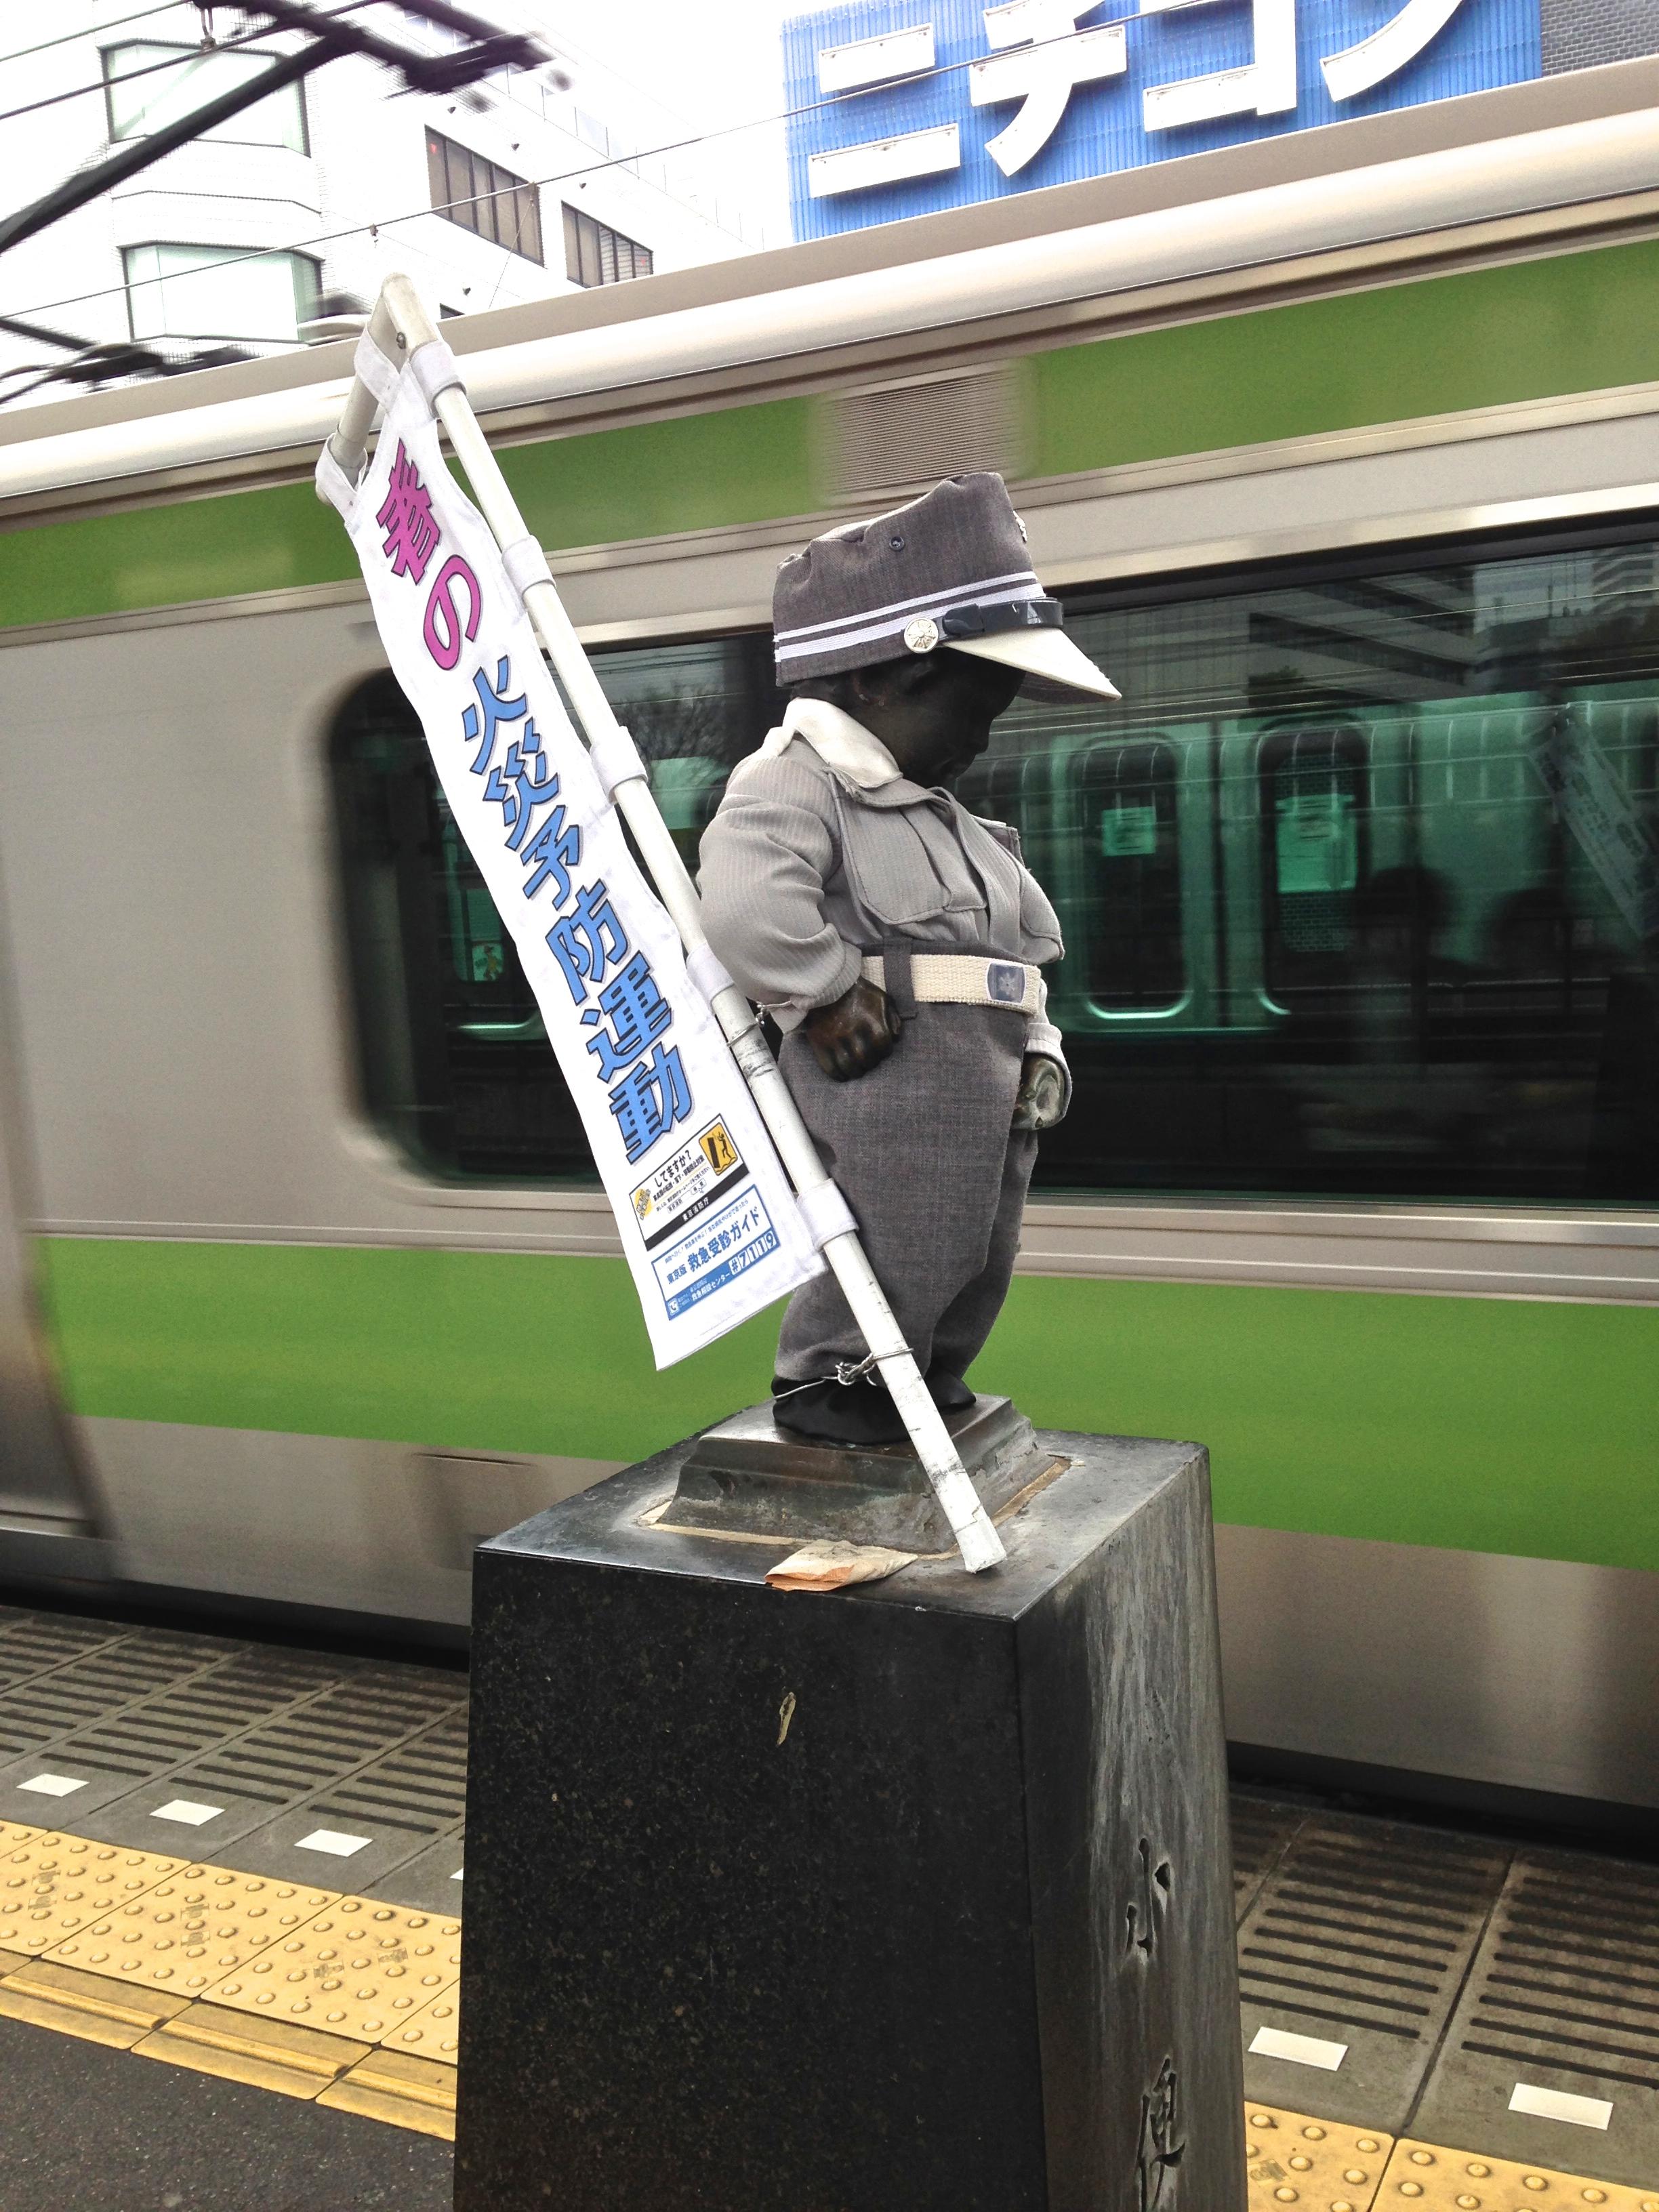 March 2016: A brave Tokyo fireman